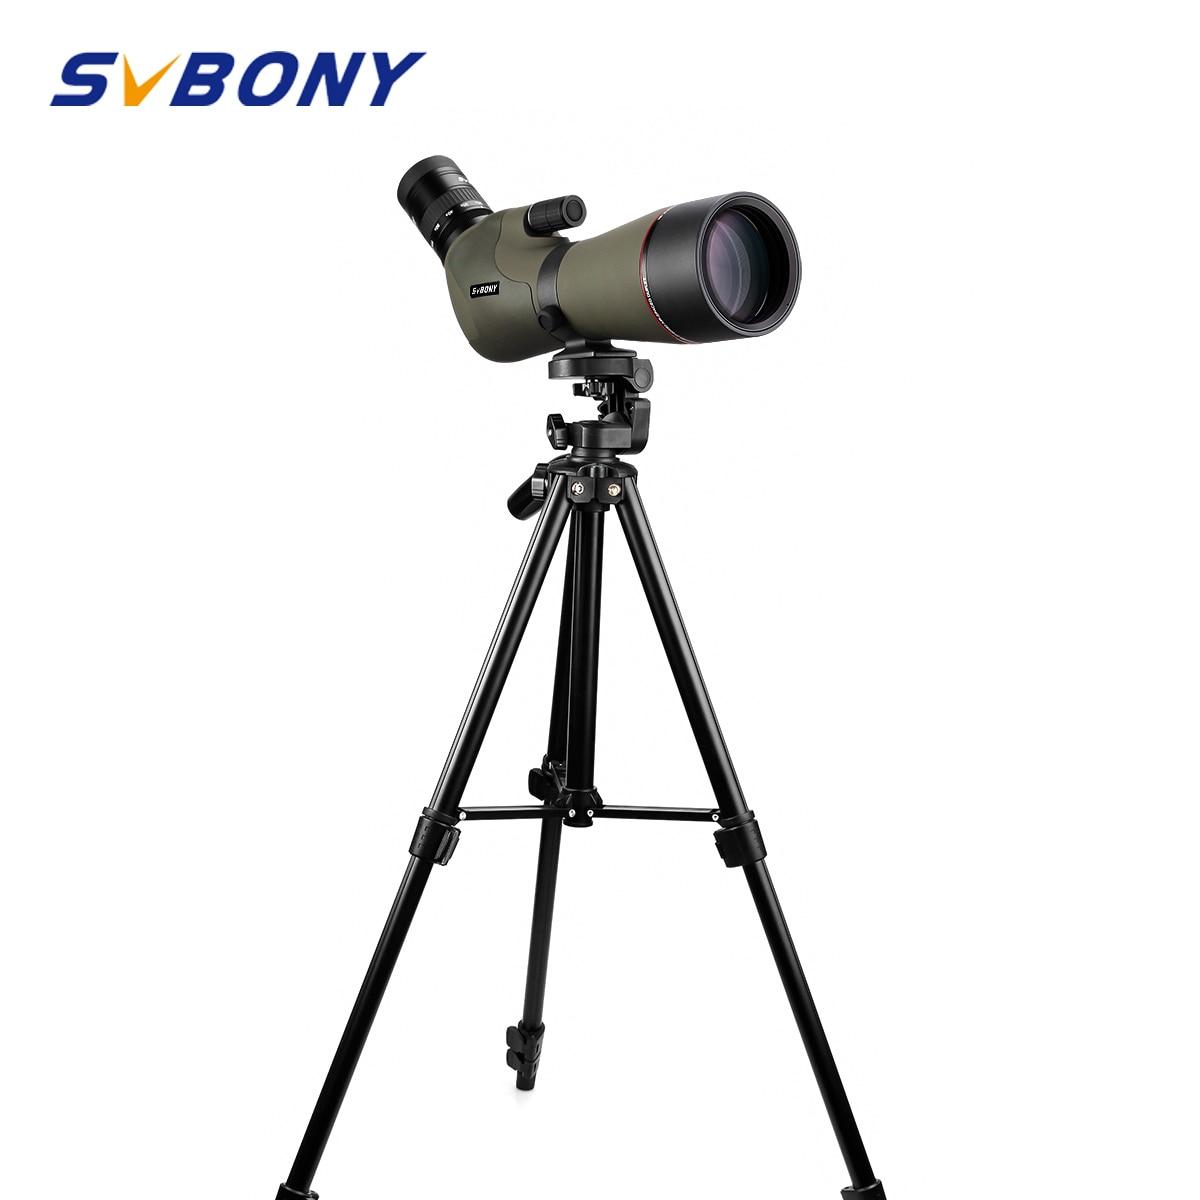 SVBONY 20 60x80 Zoom Spotting Scope Nitrogen Filled Water proof Telescope Dual Focus Mechanism Metal Body